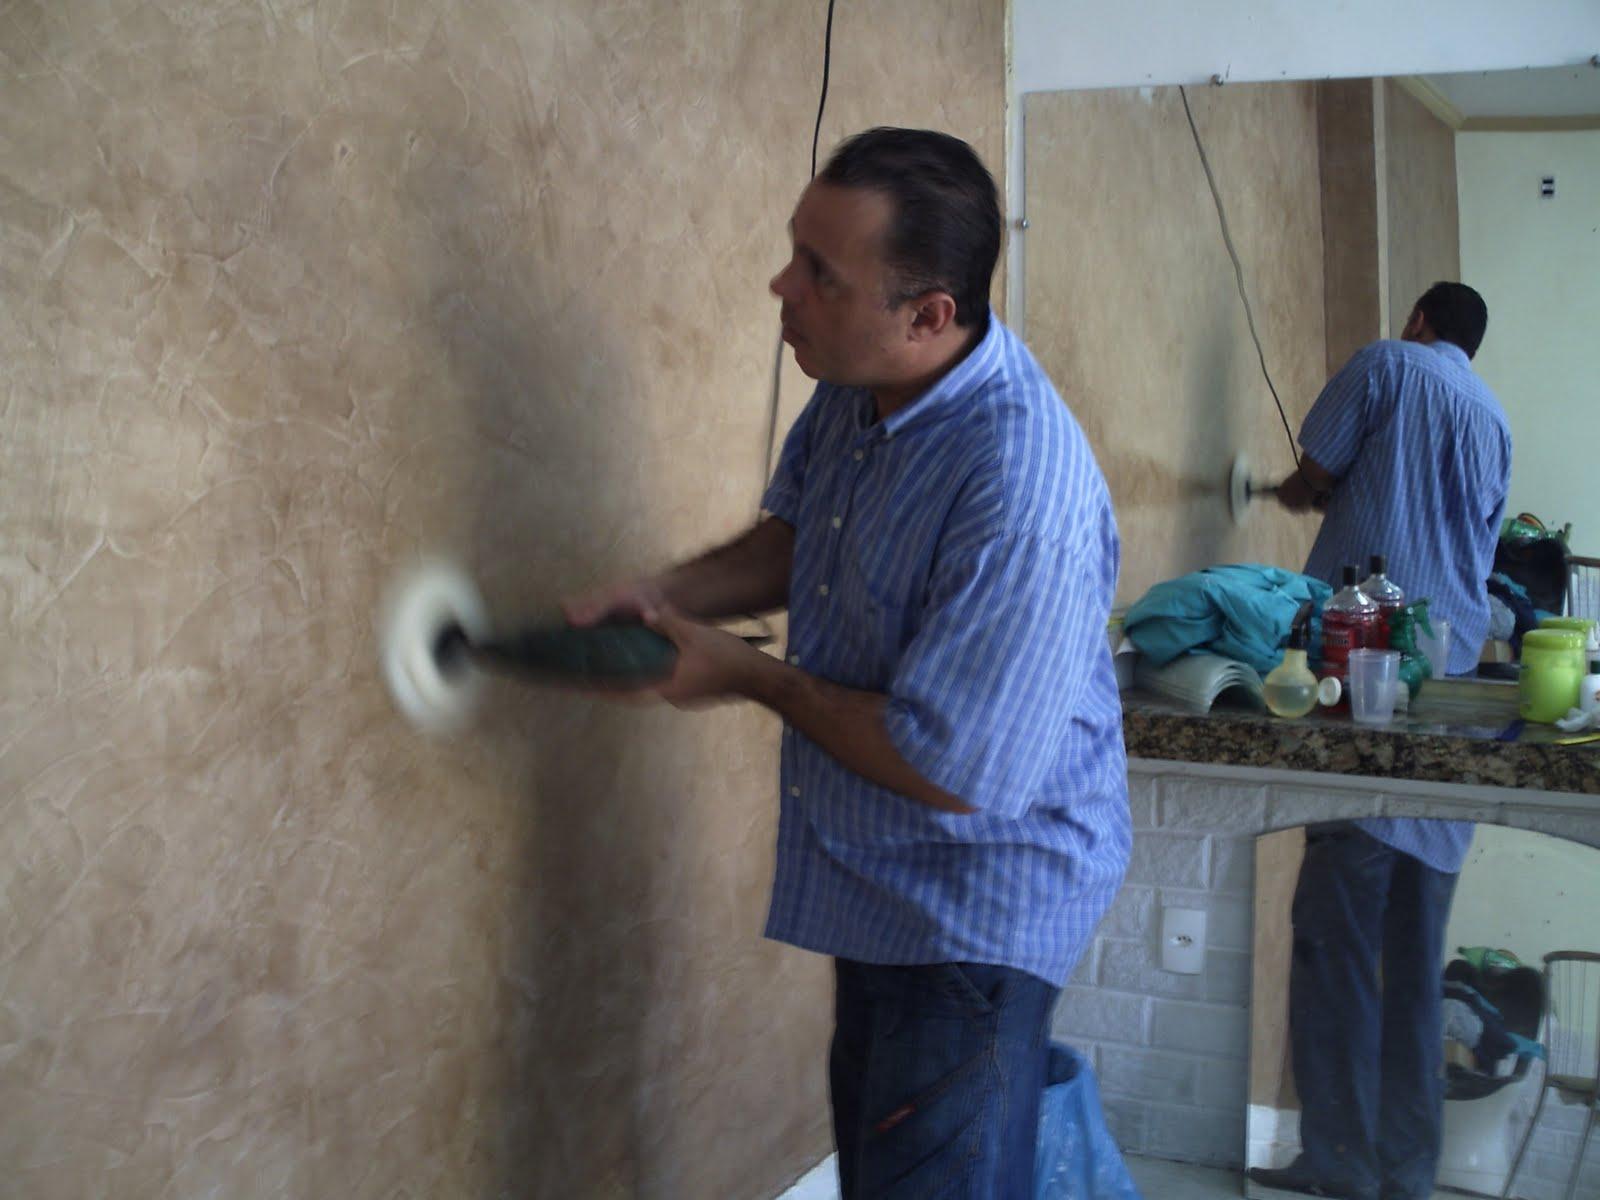 Wathsapp e tel 21 988805881 orcamento gratis pinturas e for Pintura decorativa efeito marmore